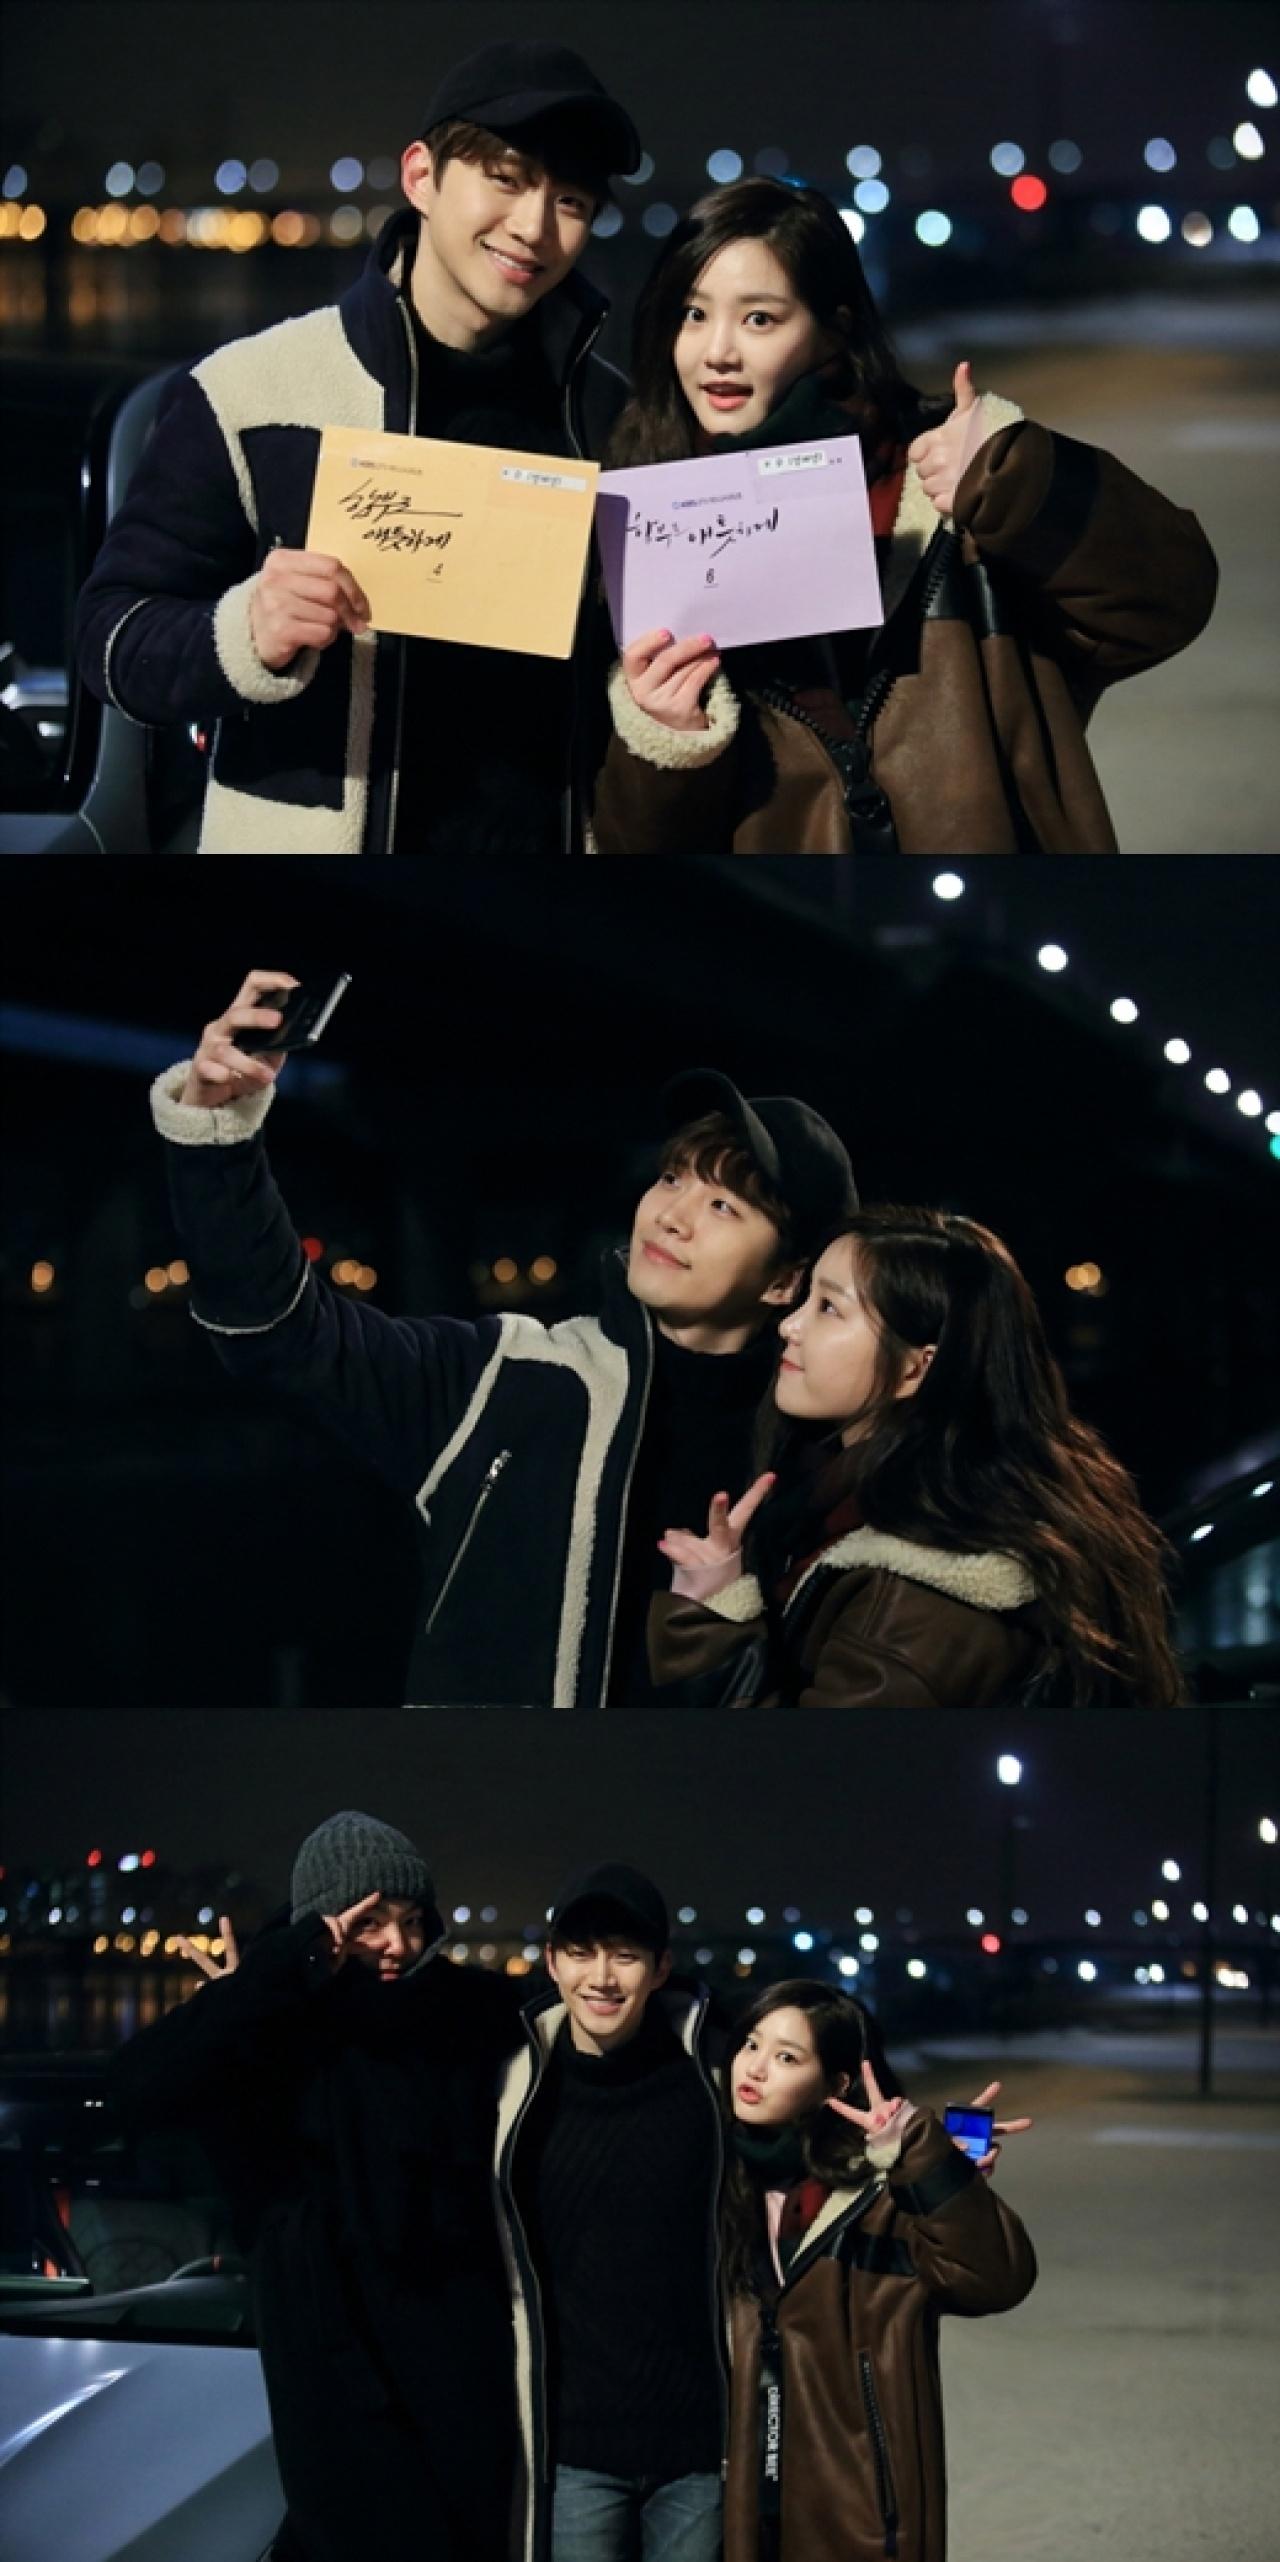 俊昊和李侑菲齊齊客串《任意依戀》,捱眼瞓拍攝,認真夠義氣!(網上圖片)